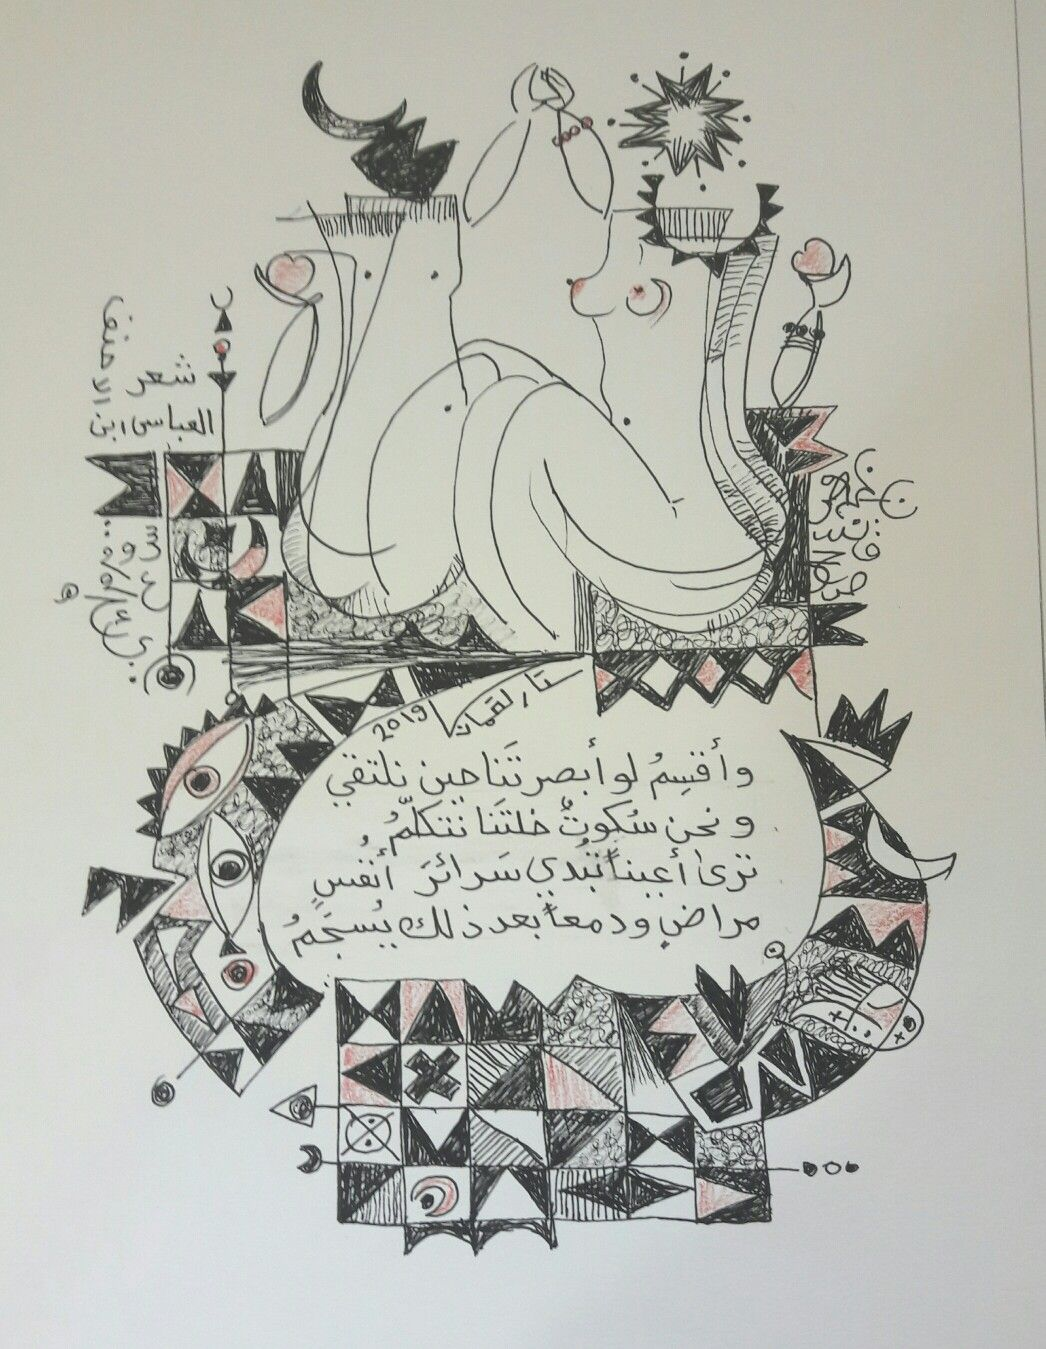 تخطيط على الورق 27 37 سم شعر العباس ابن الاحنف Art Humanoid Sketch